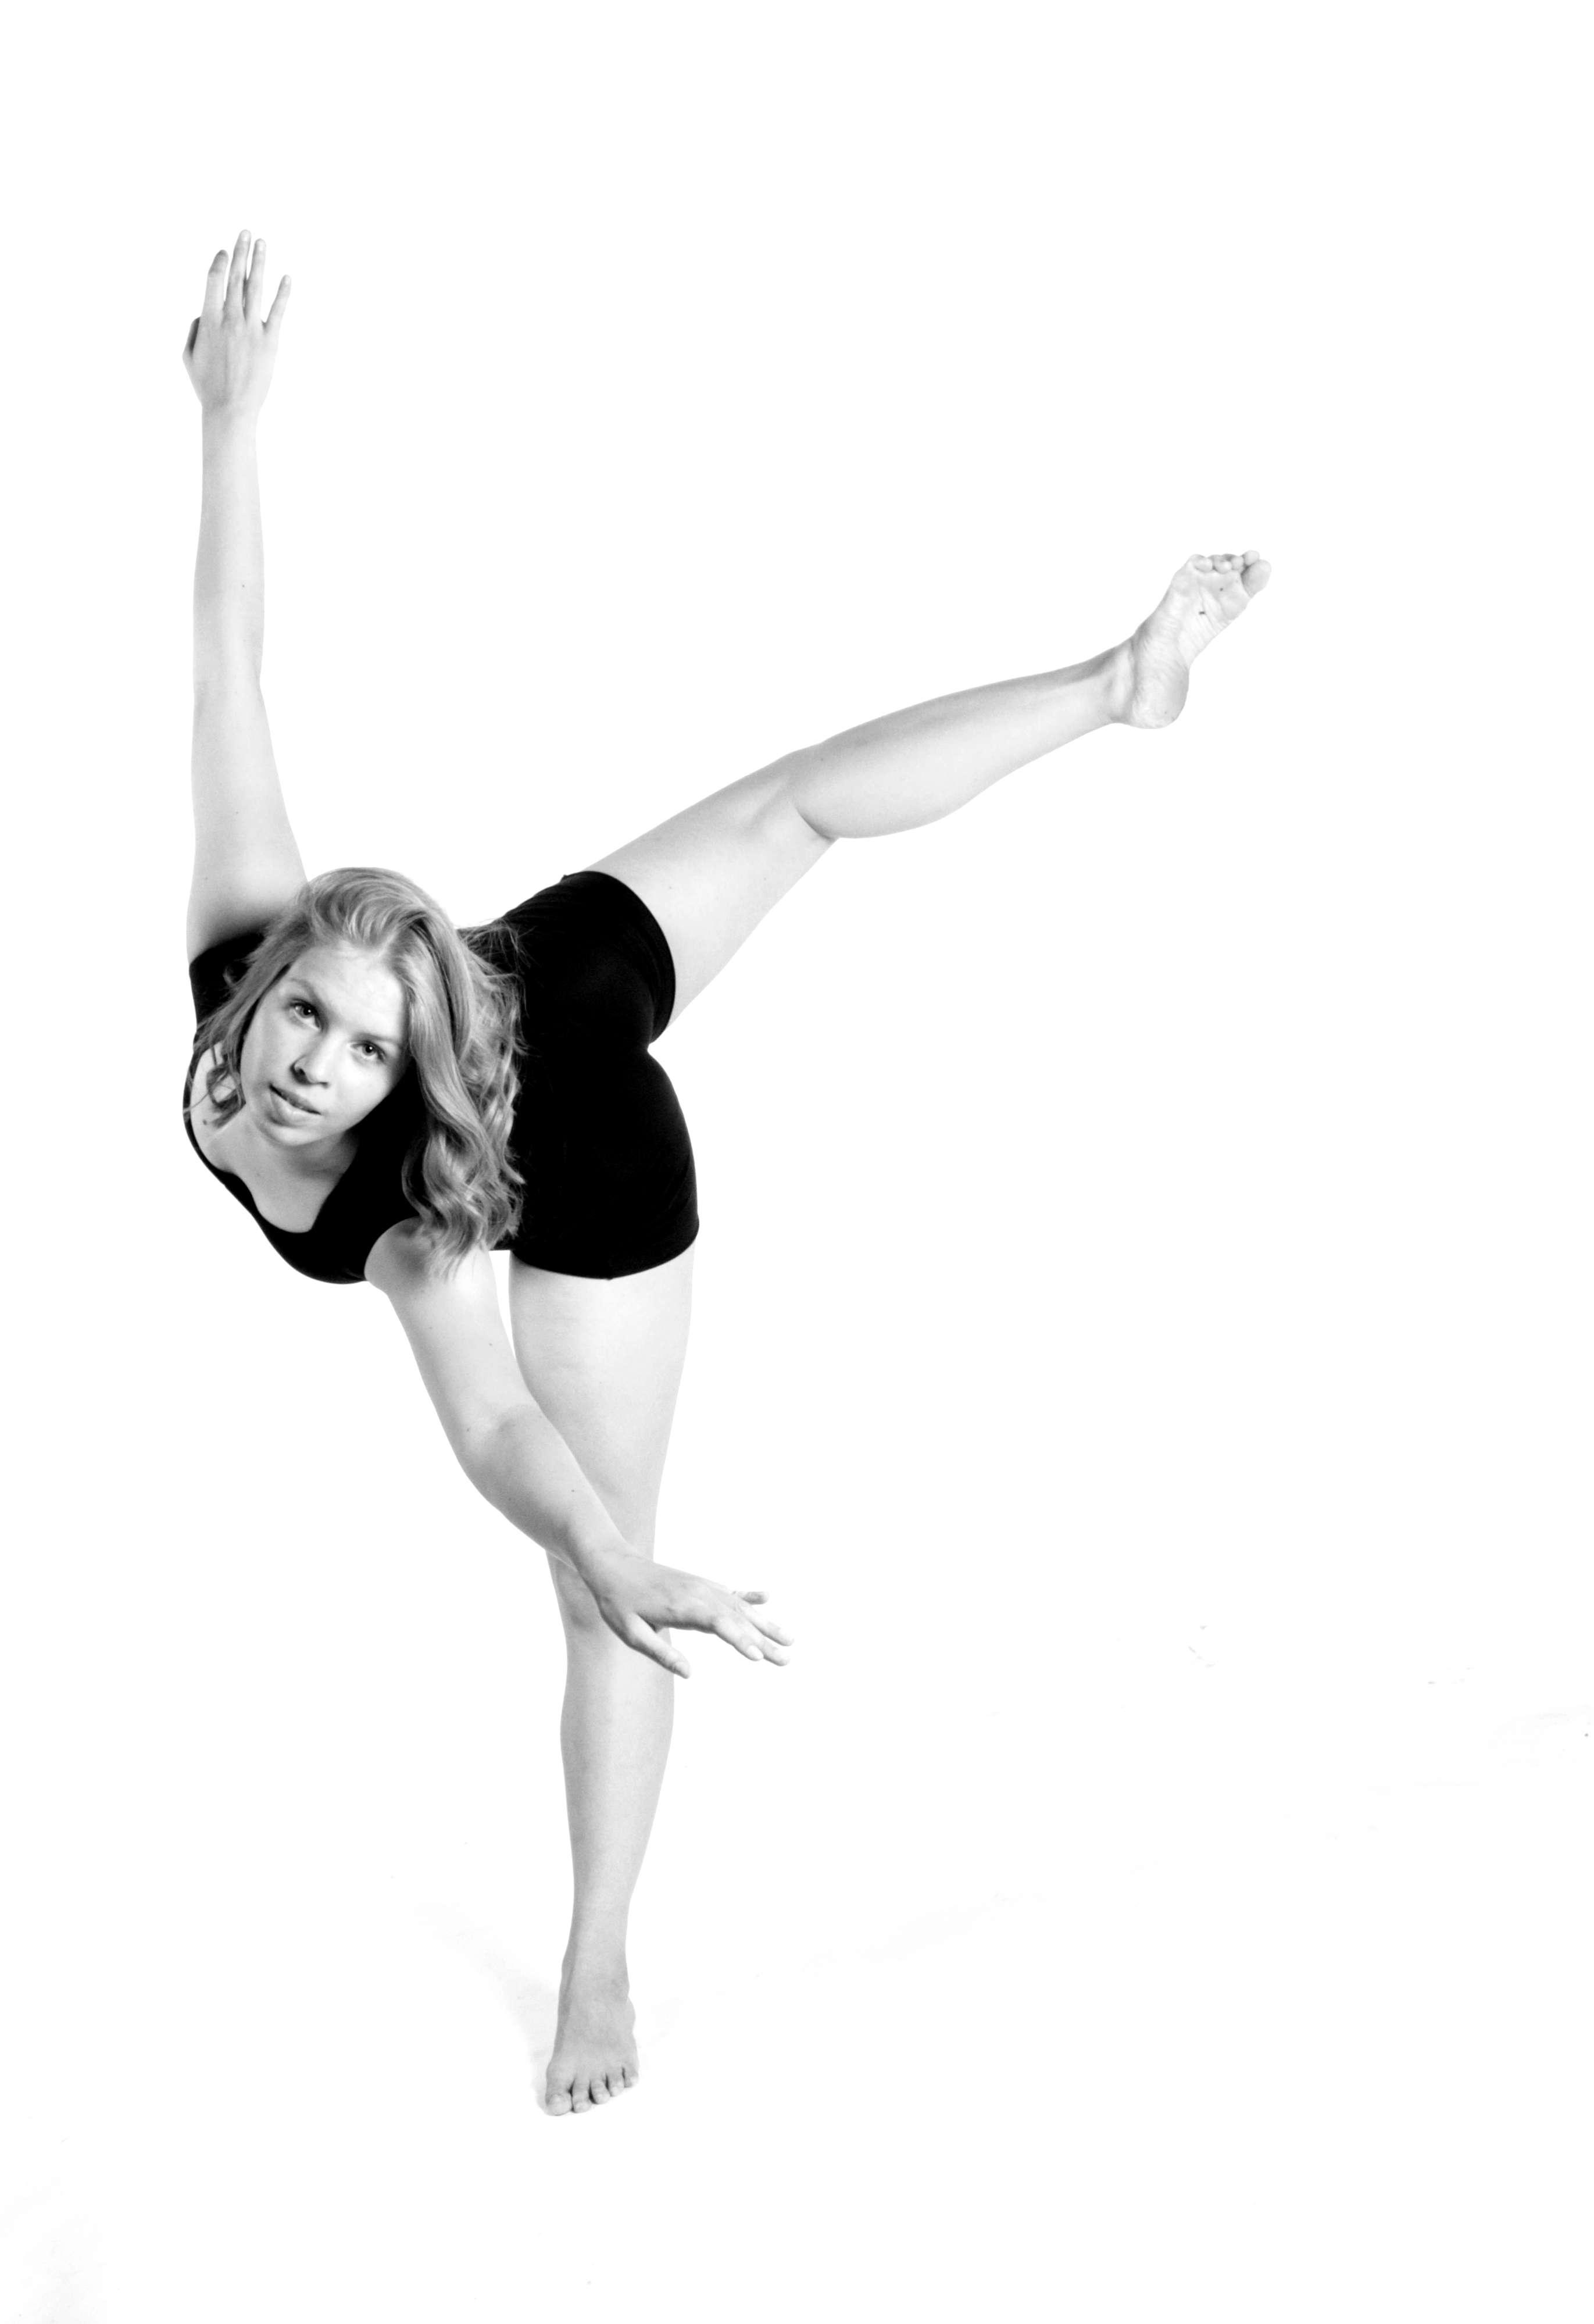 Meri dance 3